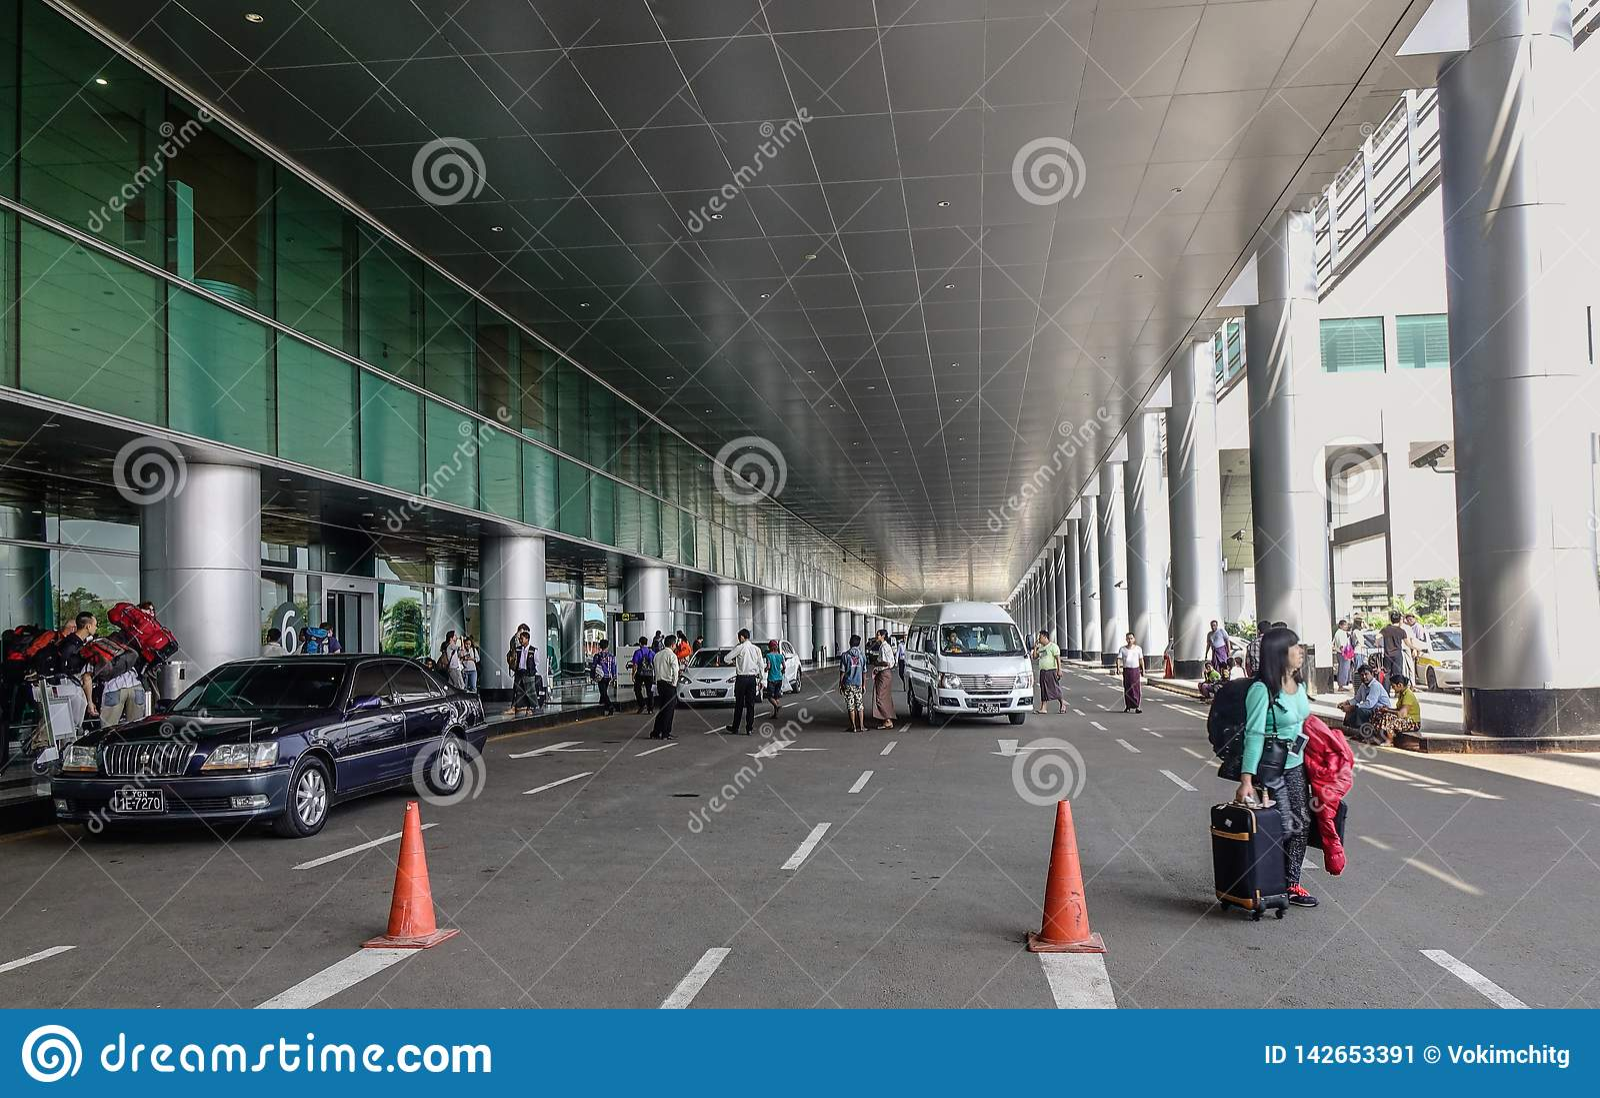 Περιοχή επαναλείψεων επιβατών του αερολιμένα